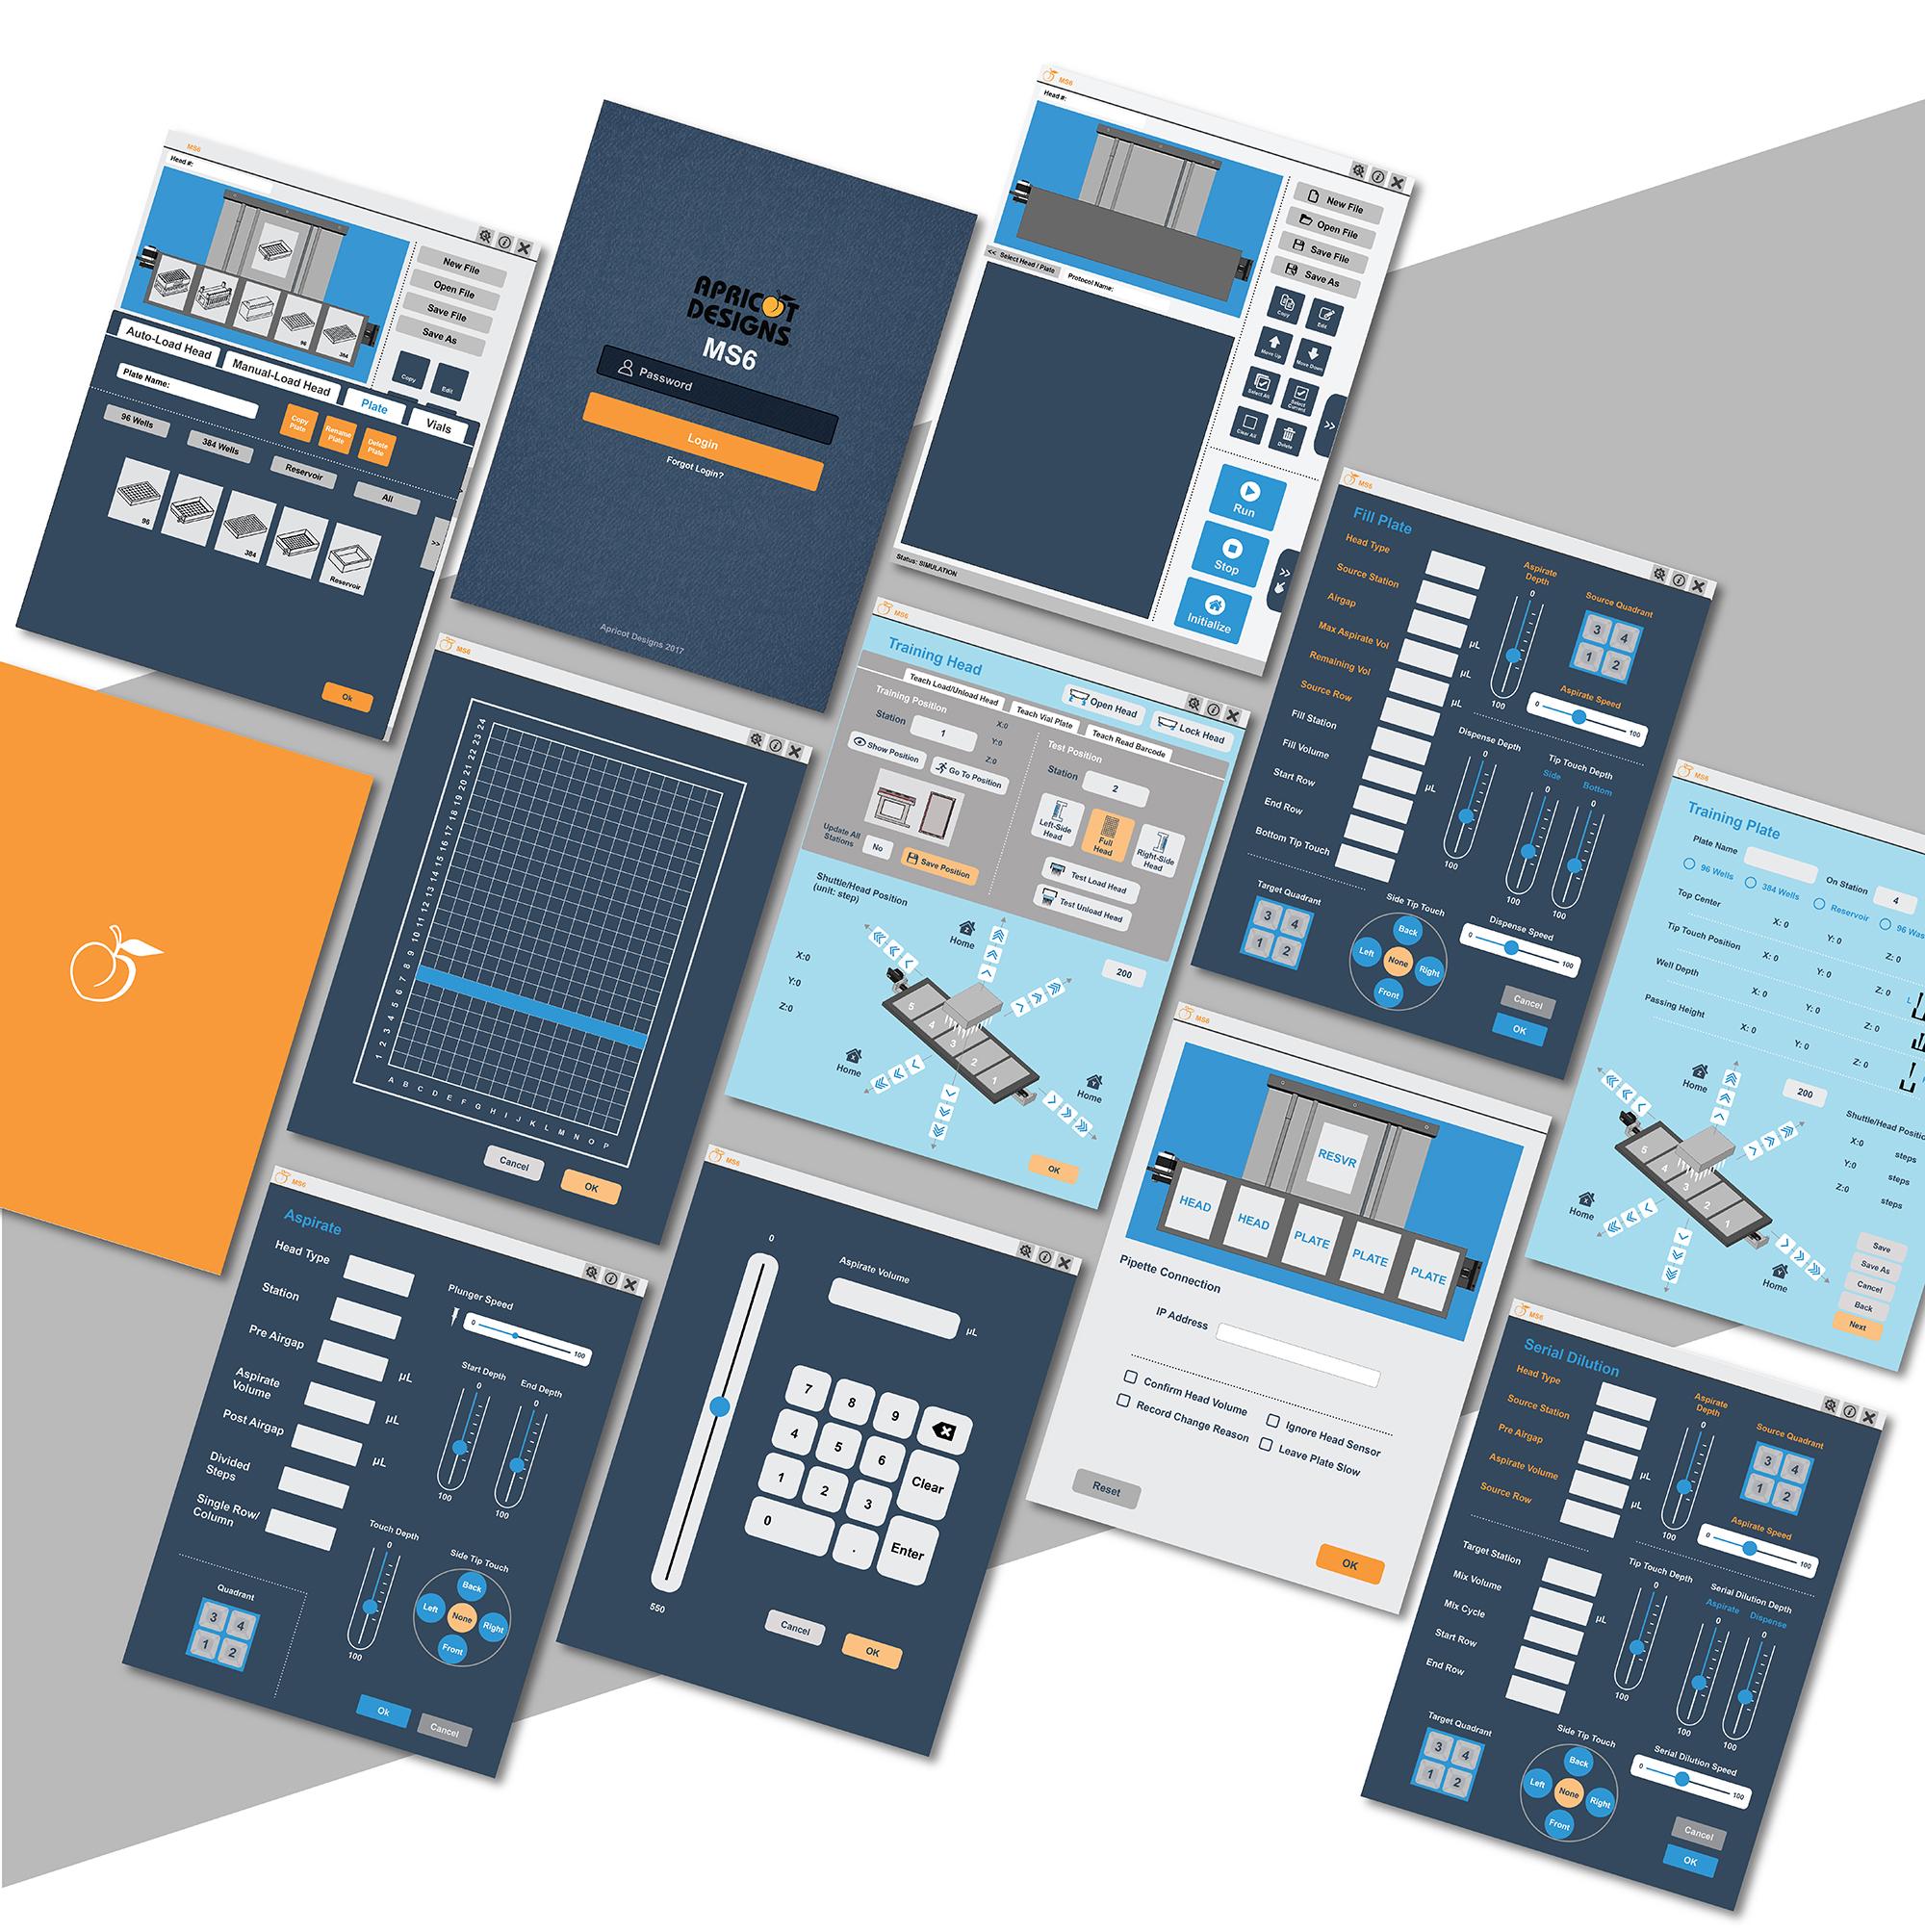 studio-sophy-ms6-app-design